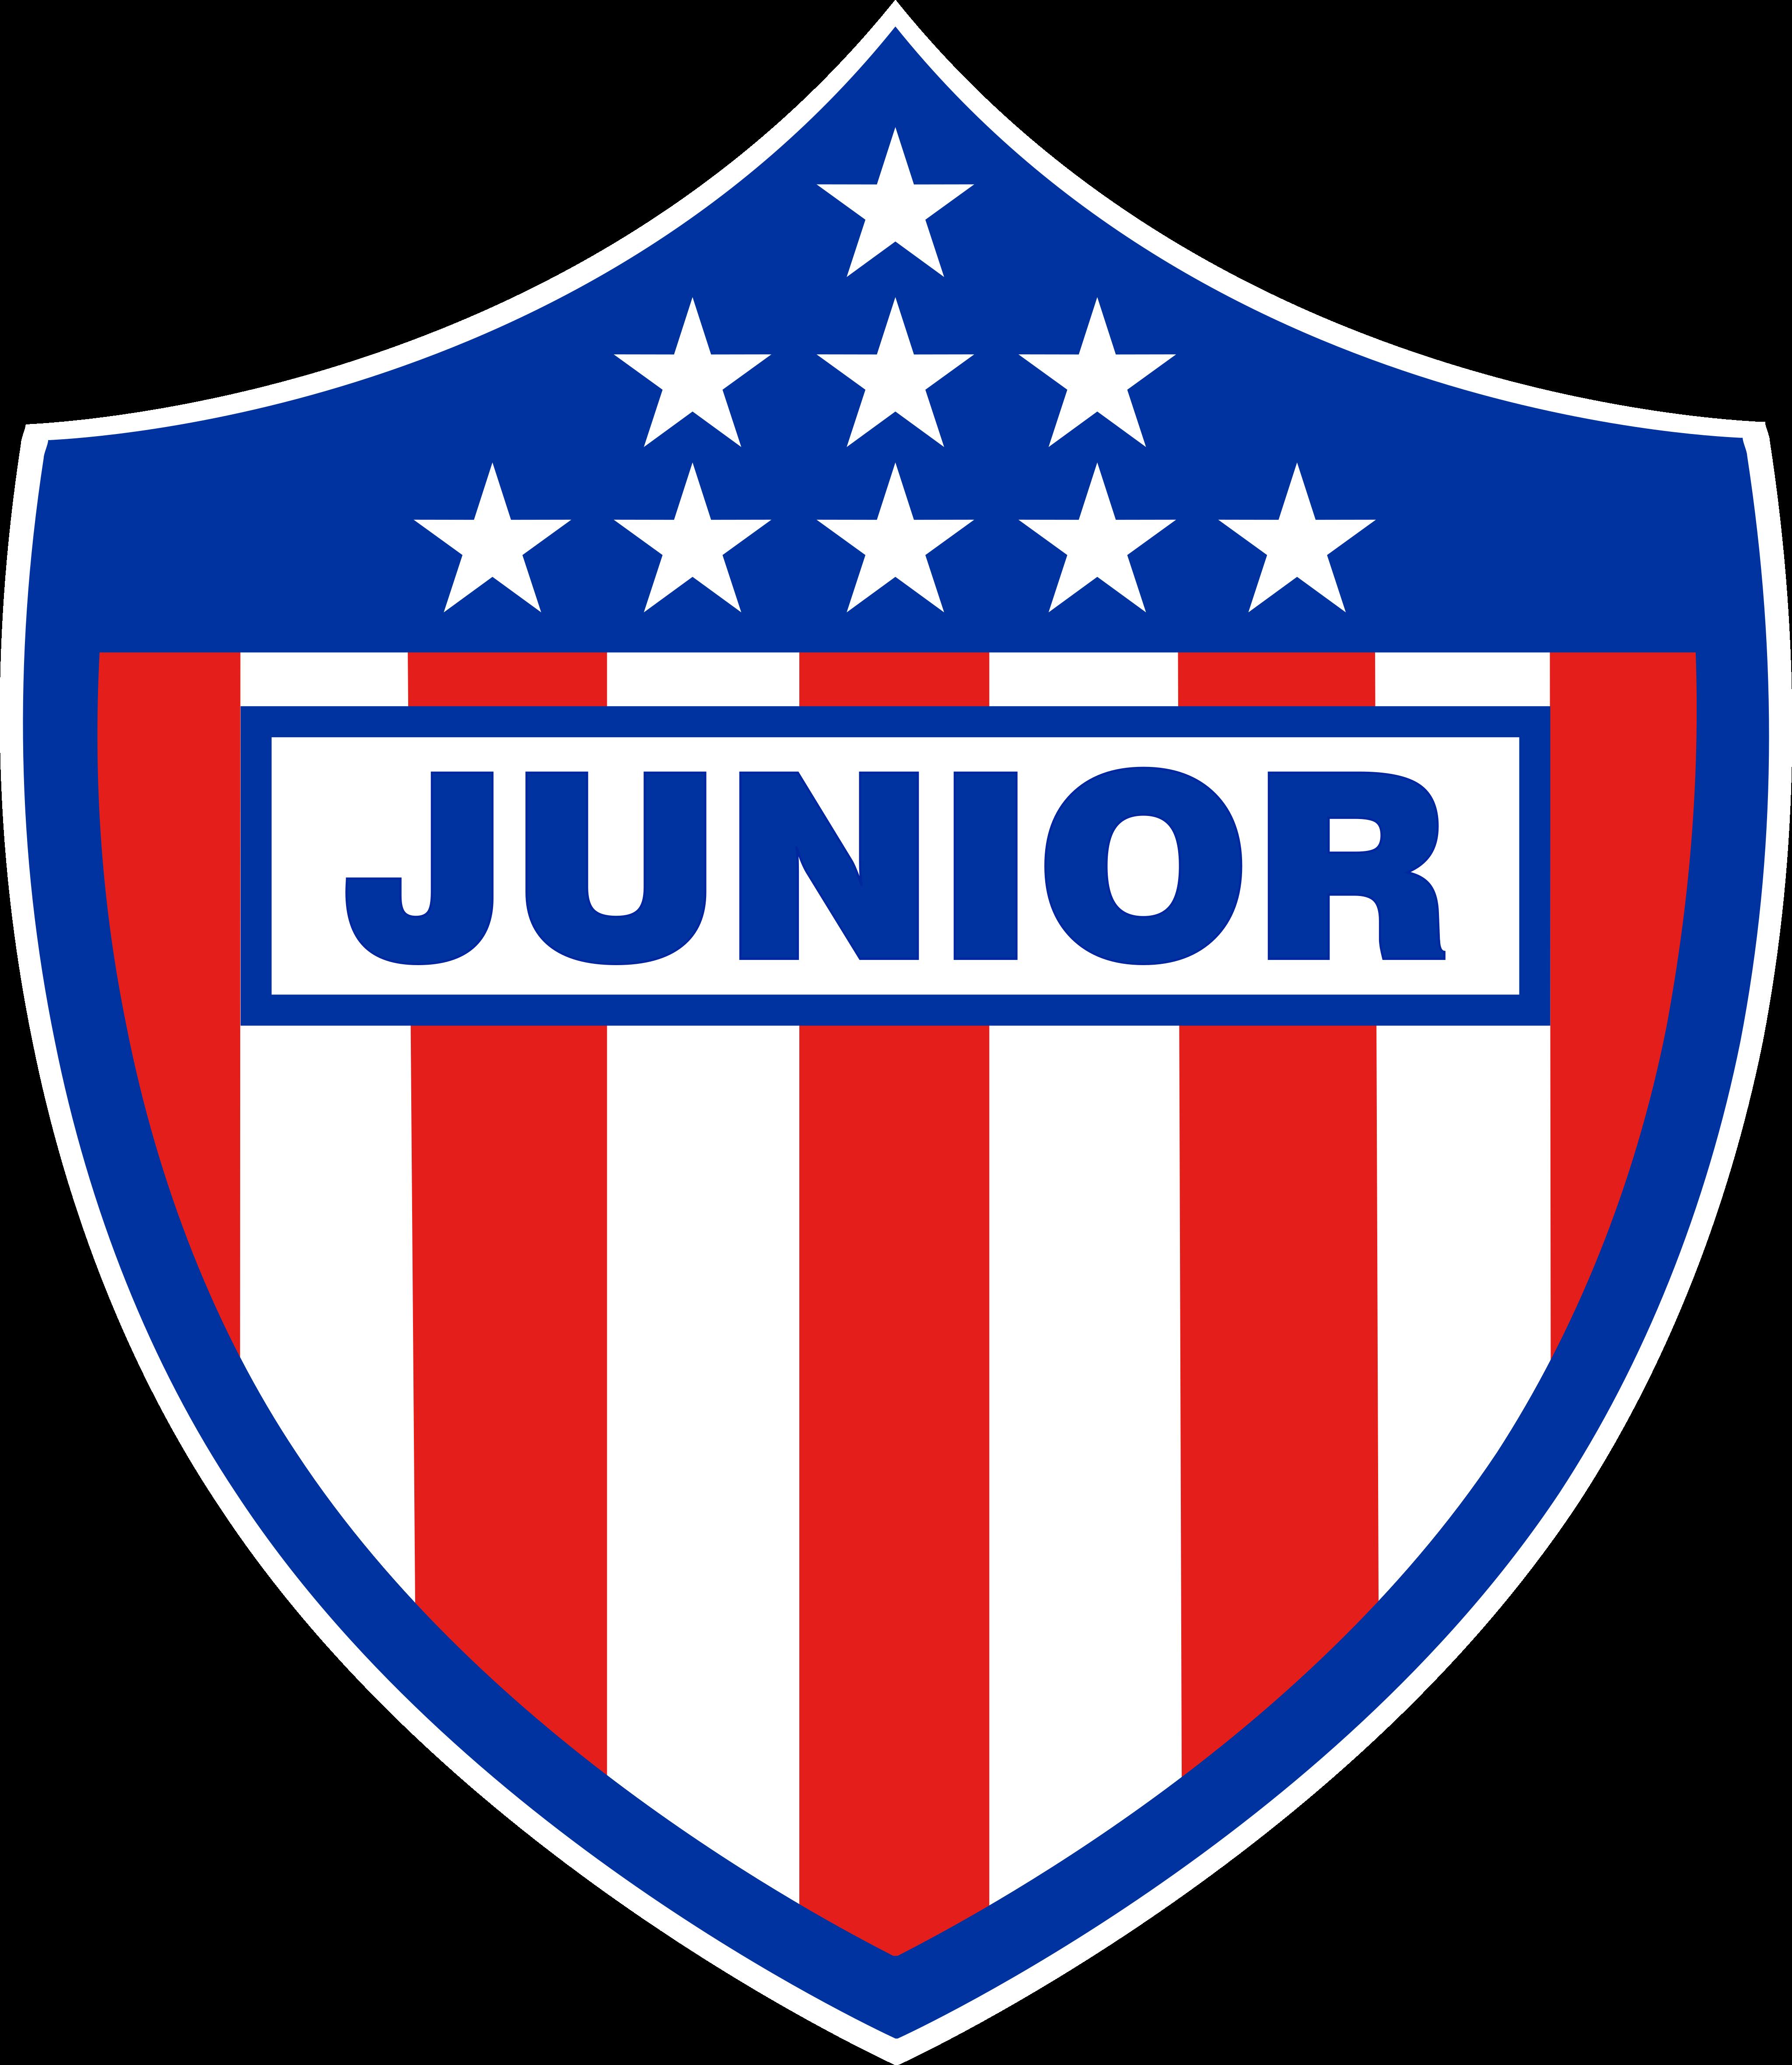 junior barranquilla logo - Junior FC de Barranquilla Logo